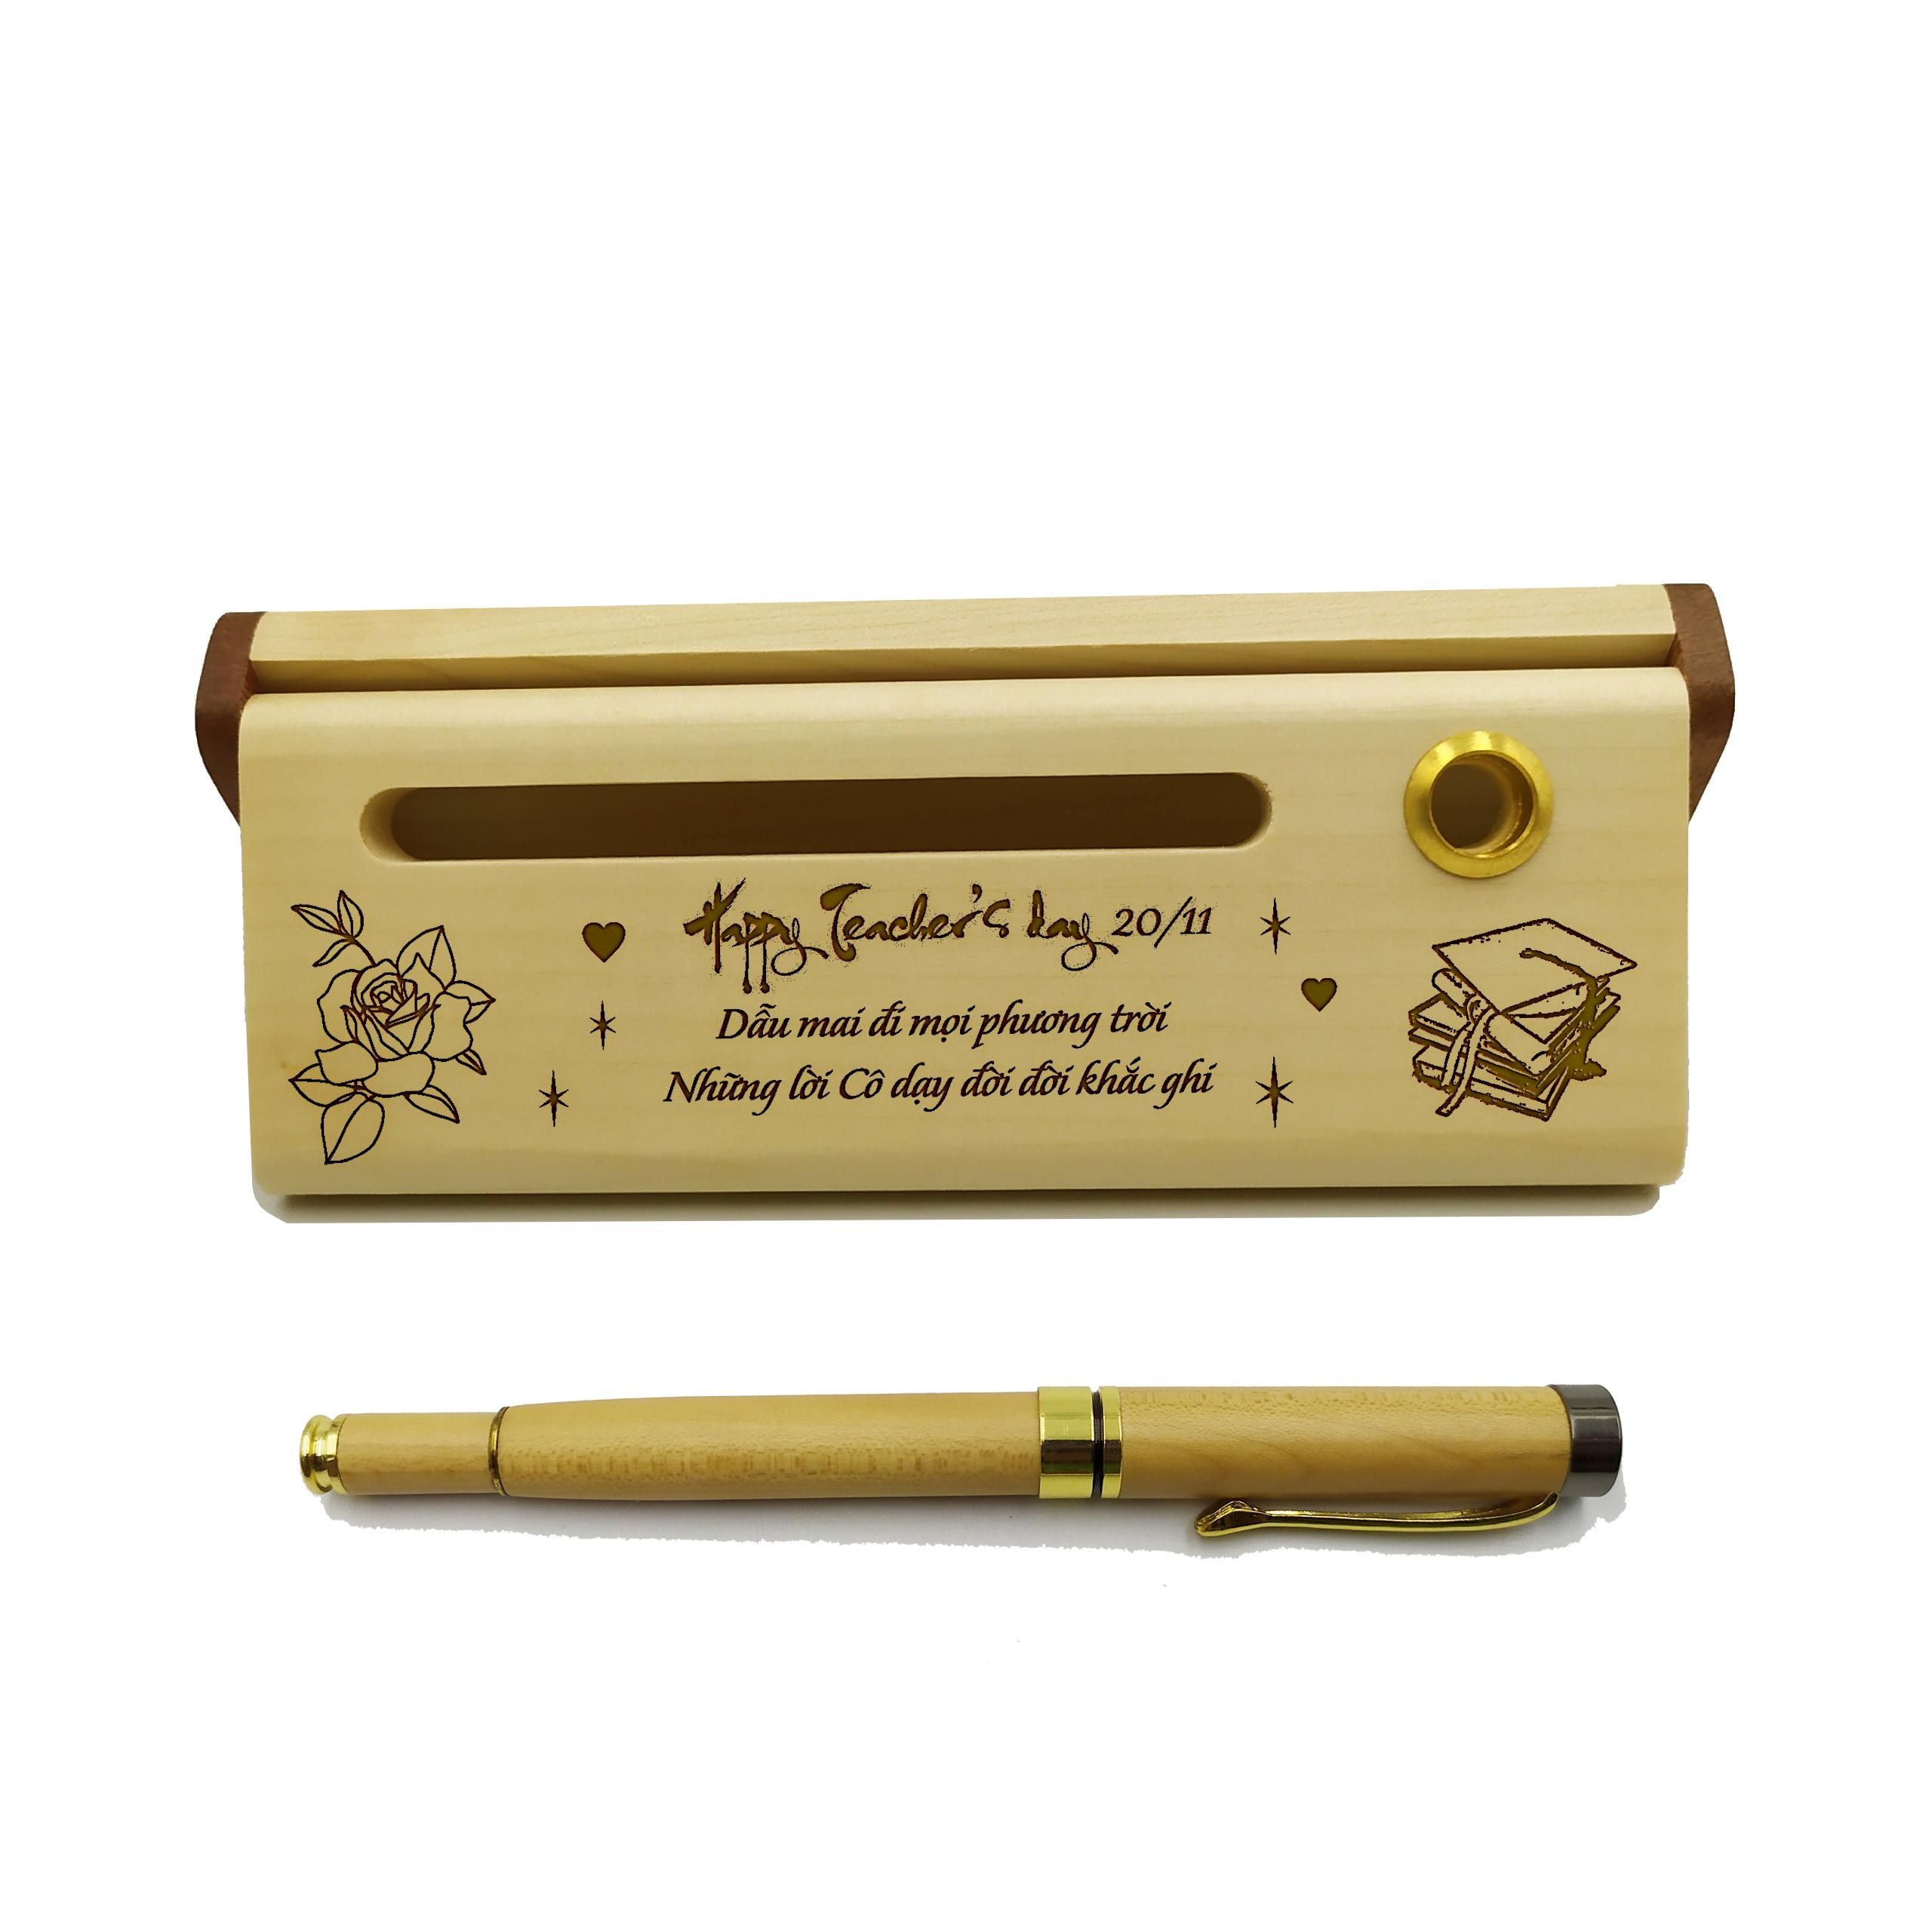 Bút gỗ cao cấp làm quà tặng ngày 20/11 (Kèm hộp đựng sang trọng)